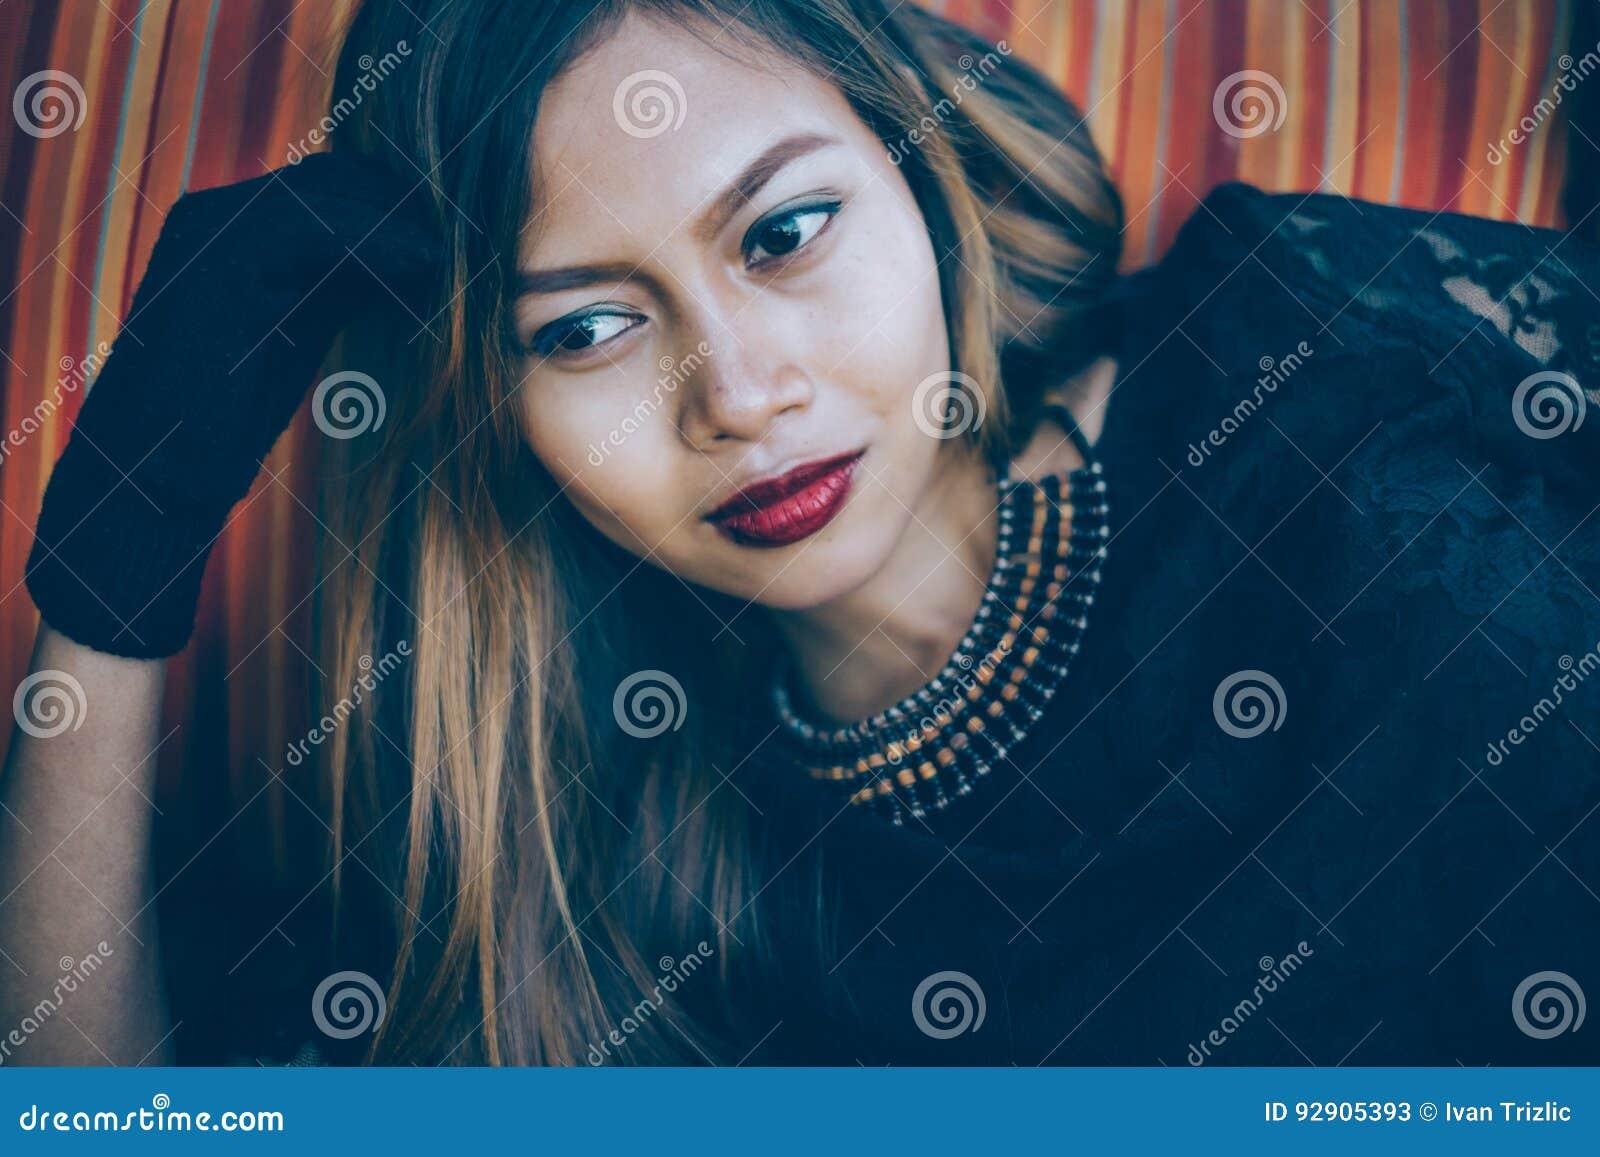 Maquillaje vestido negro labios rojos